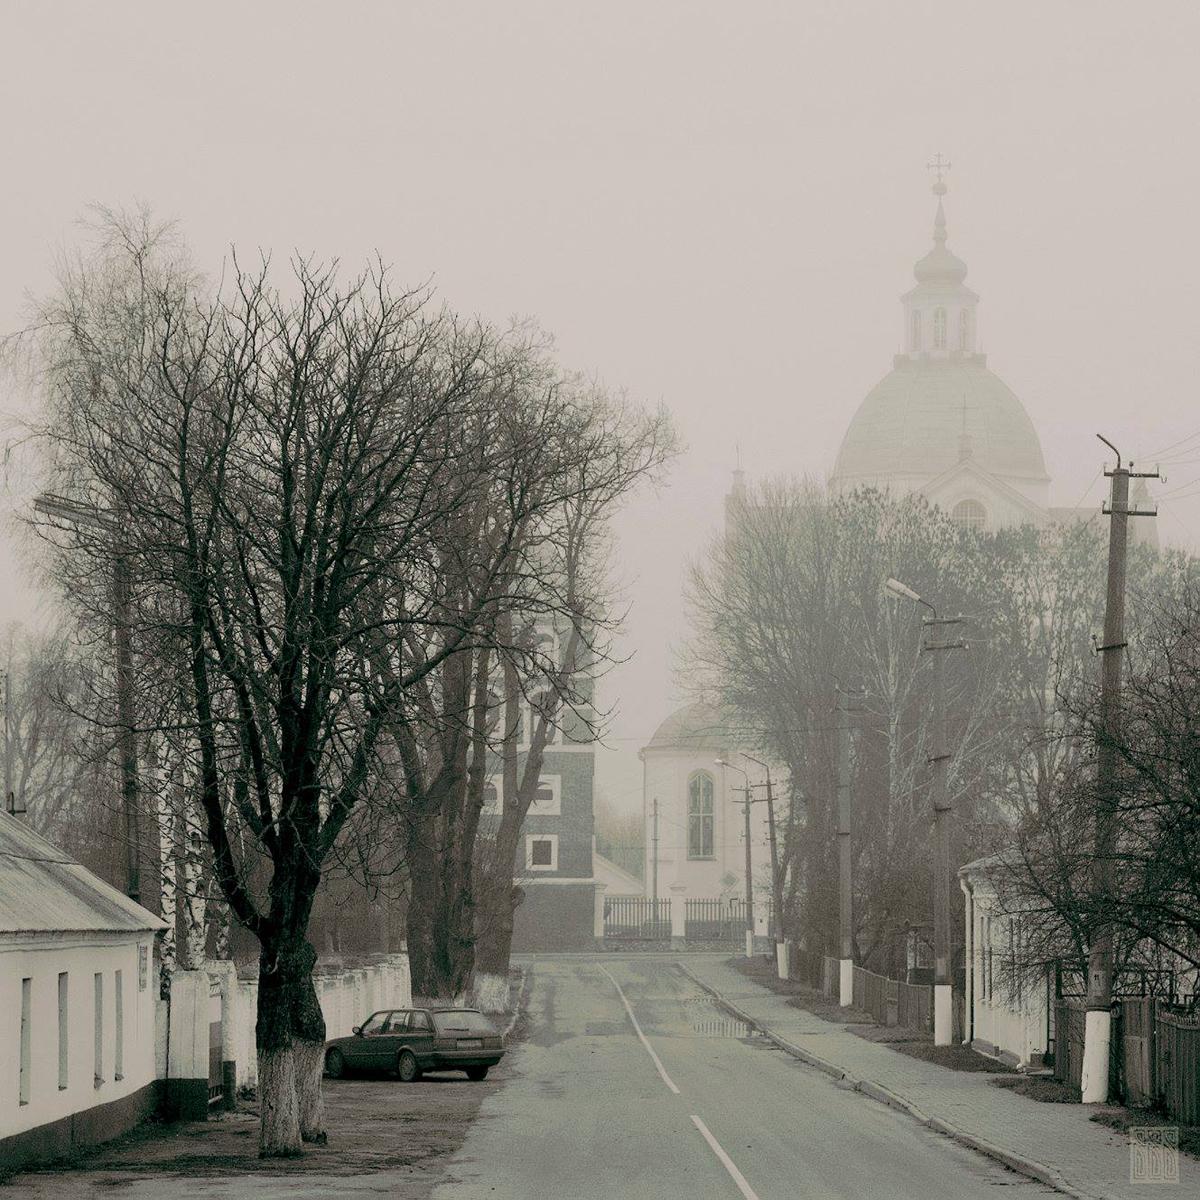 Njaswísh, Fronleichnamskirche aus dem 16. Jahrhundert, fotografiert im Jahr 2006 / Foto © Valery Vedrenko